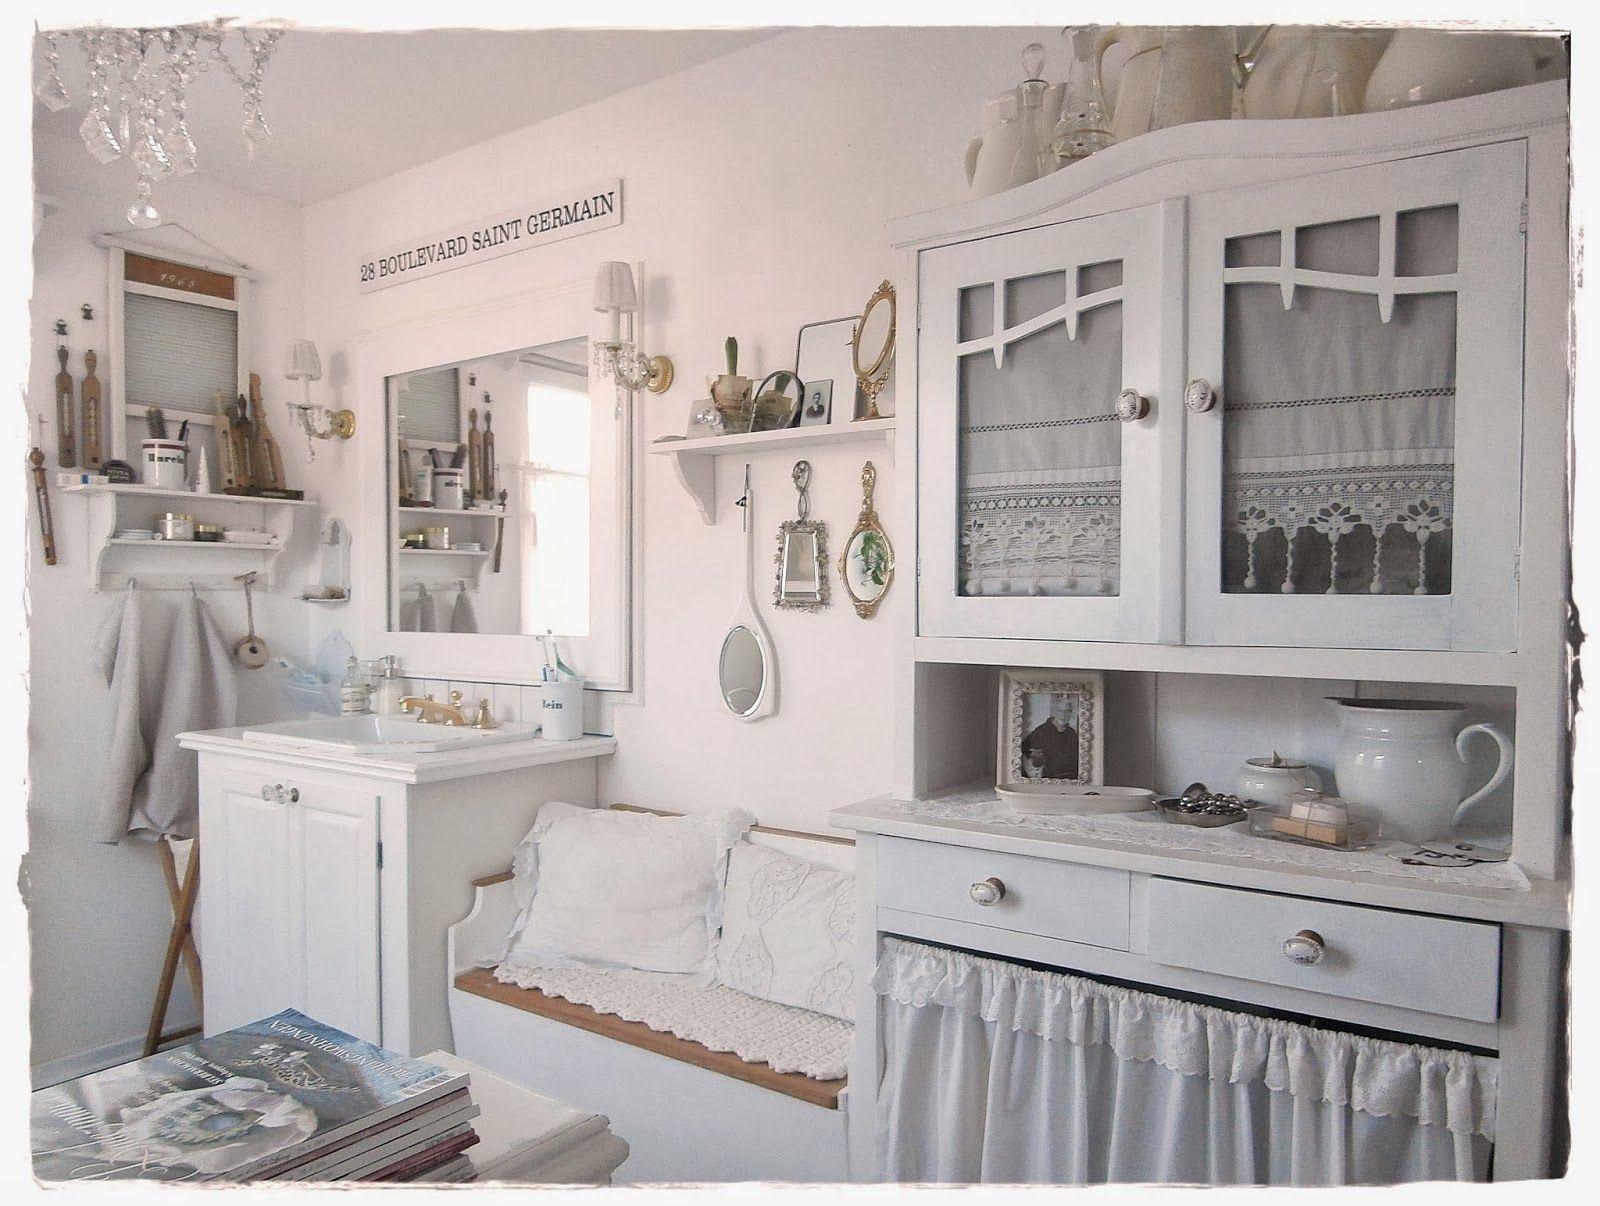 Come Aprire Un Negozio Shabby Chic.Una Romantica Casa Shabby Chic Style In Centro A Vienna Deco Interieure Idee Deco Deco